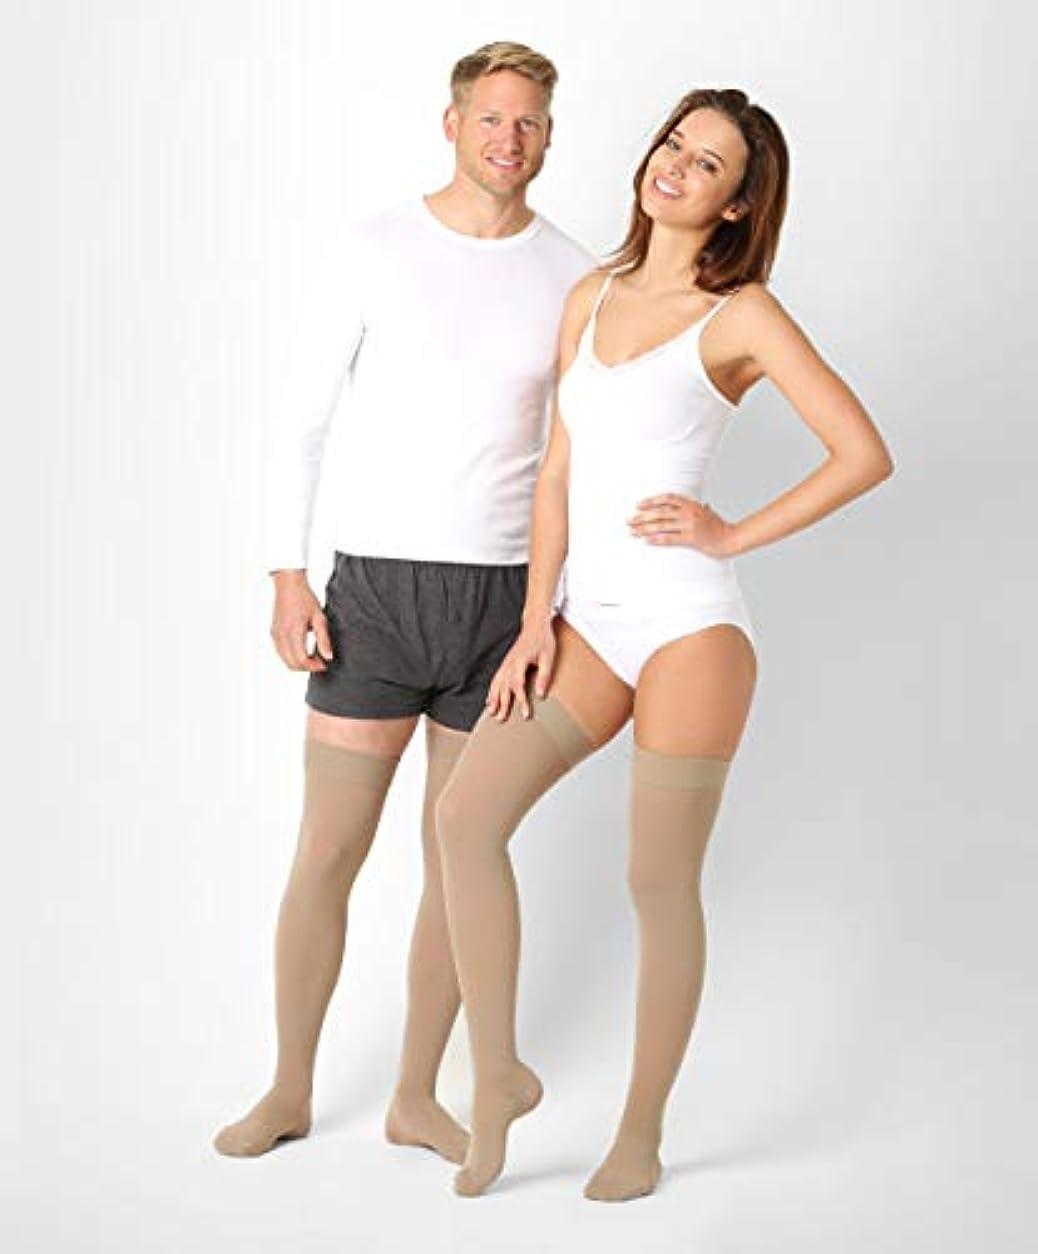 債務サミットフィットBeFit24 医療用着圧ストッキング クラス 1 (18-21 mmHg) 男性?女性用 ーあらゆるラ イフスタイルのニーズに対応ー ヨーロッパ製 X-Large Beige